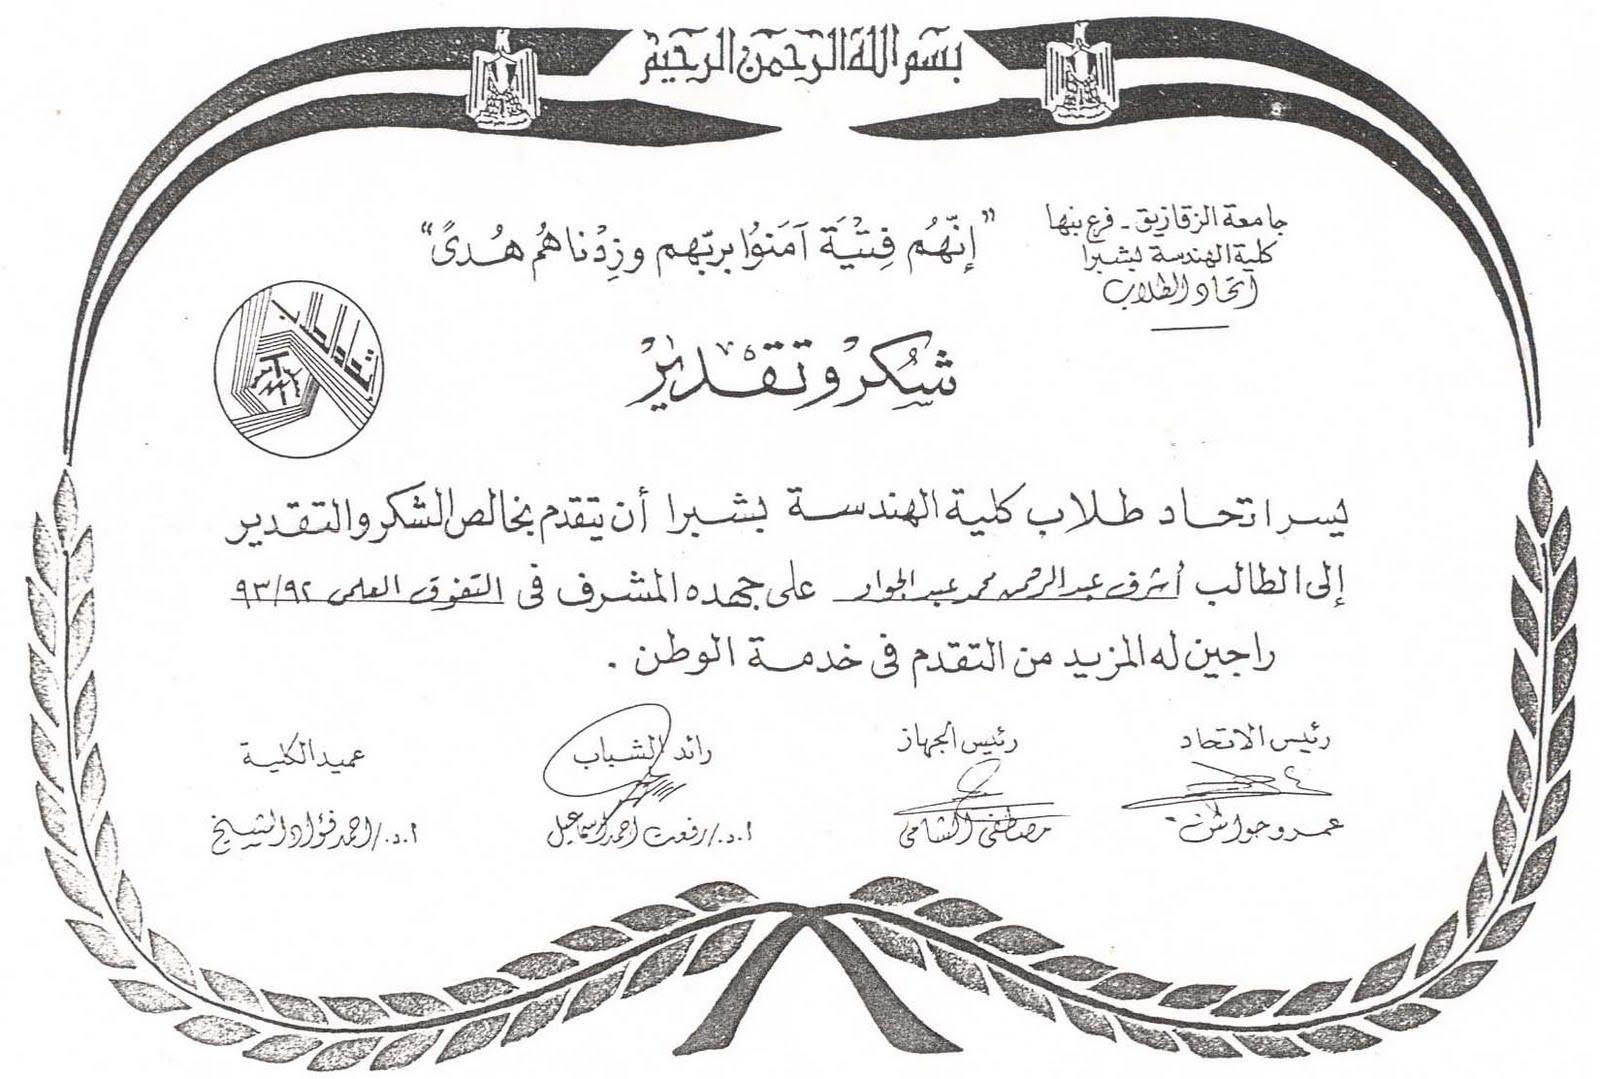 الشهاده شهاده تفوق عن سنه 1992 صادره من